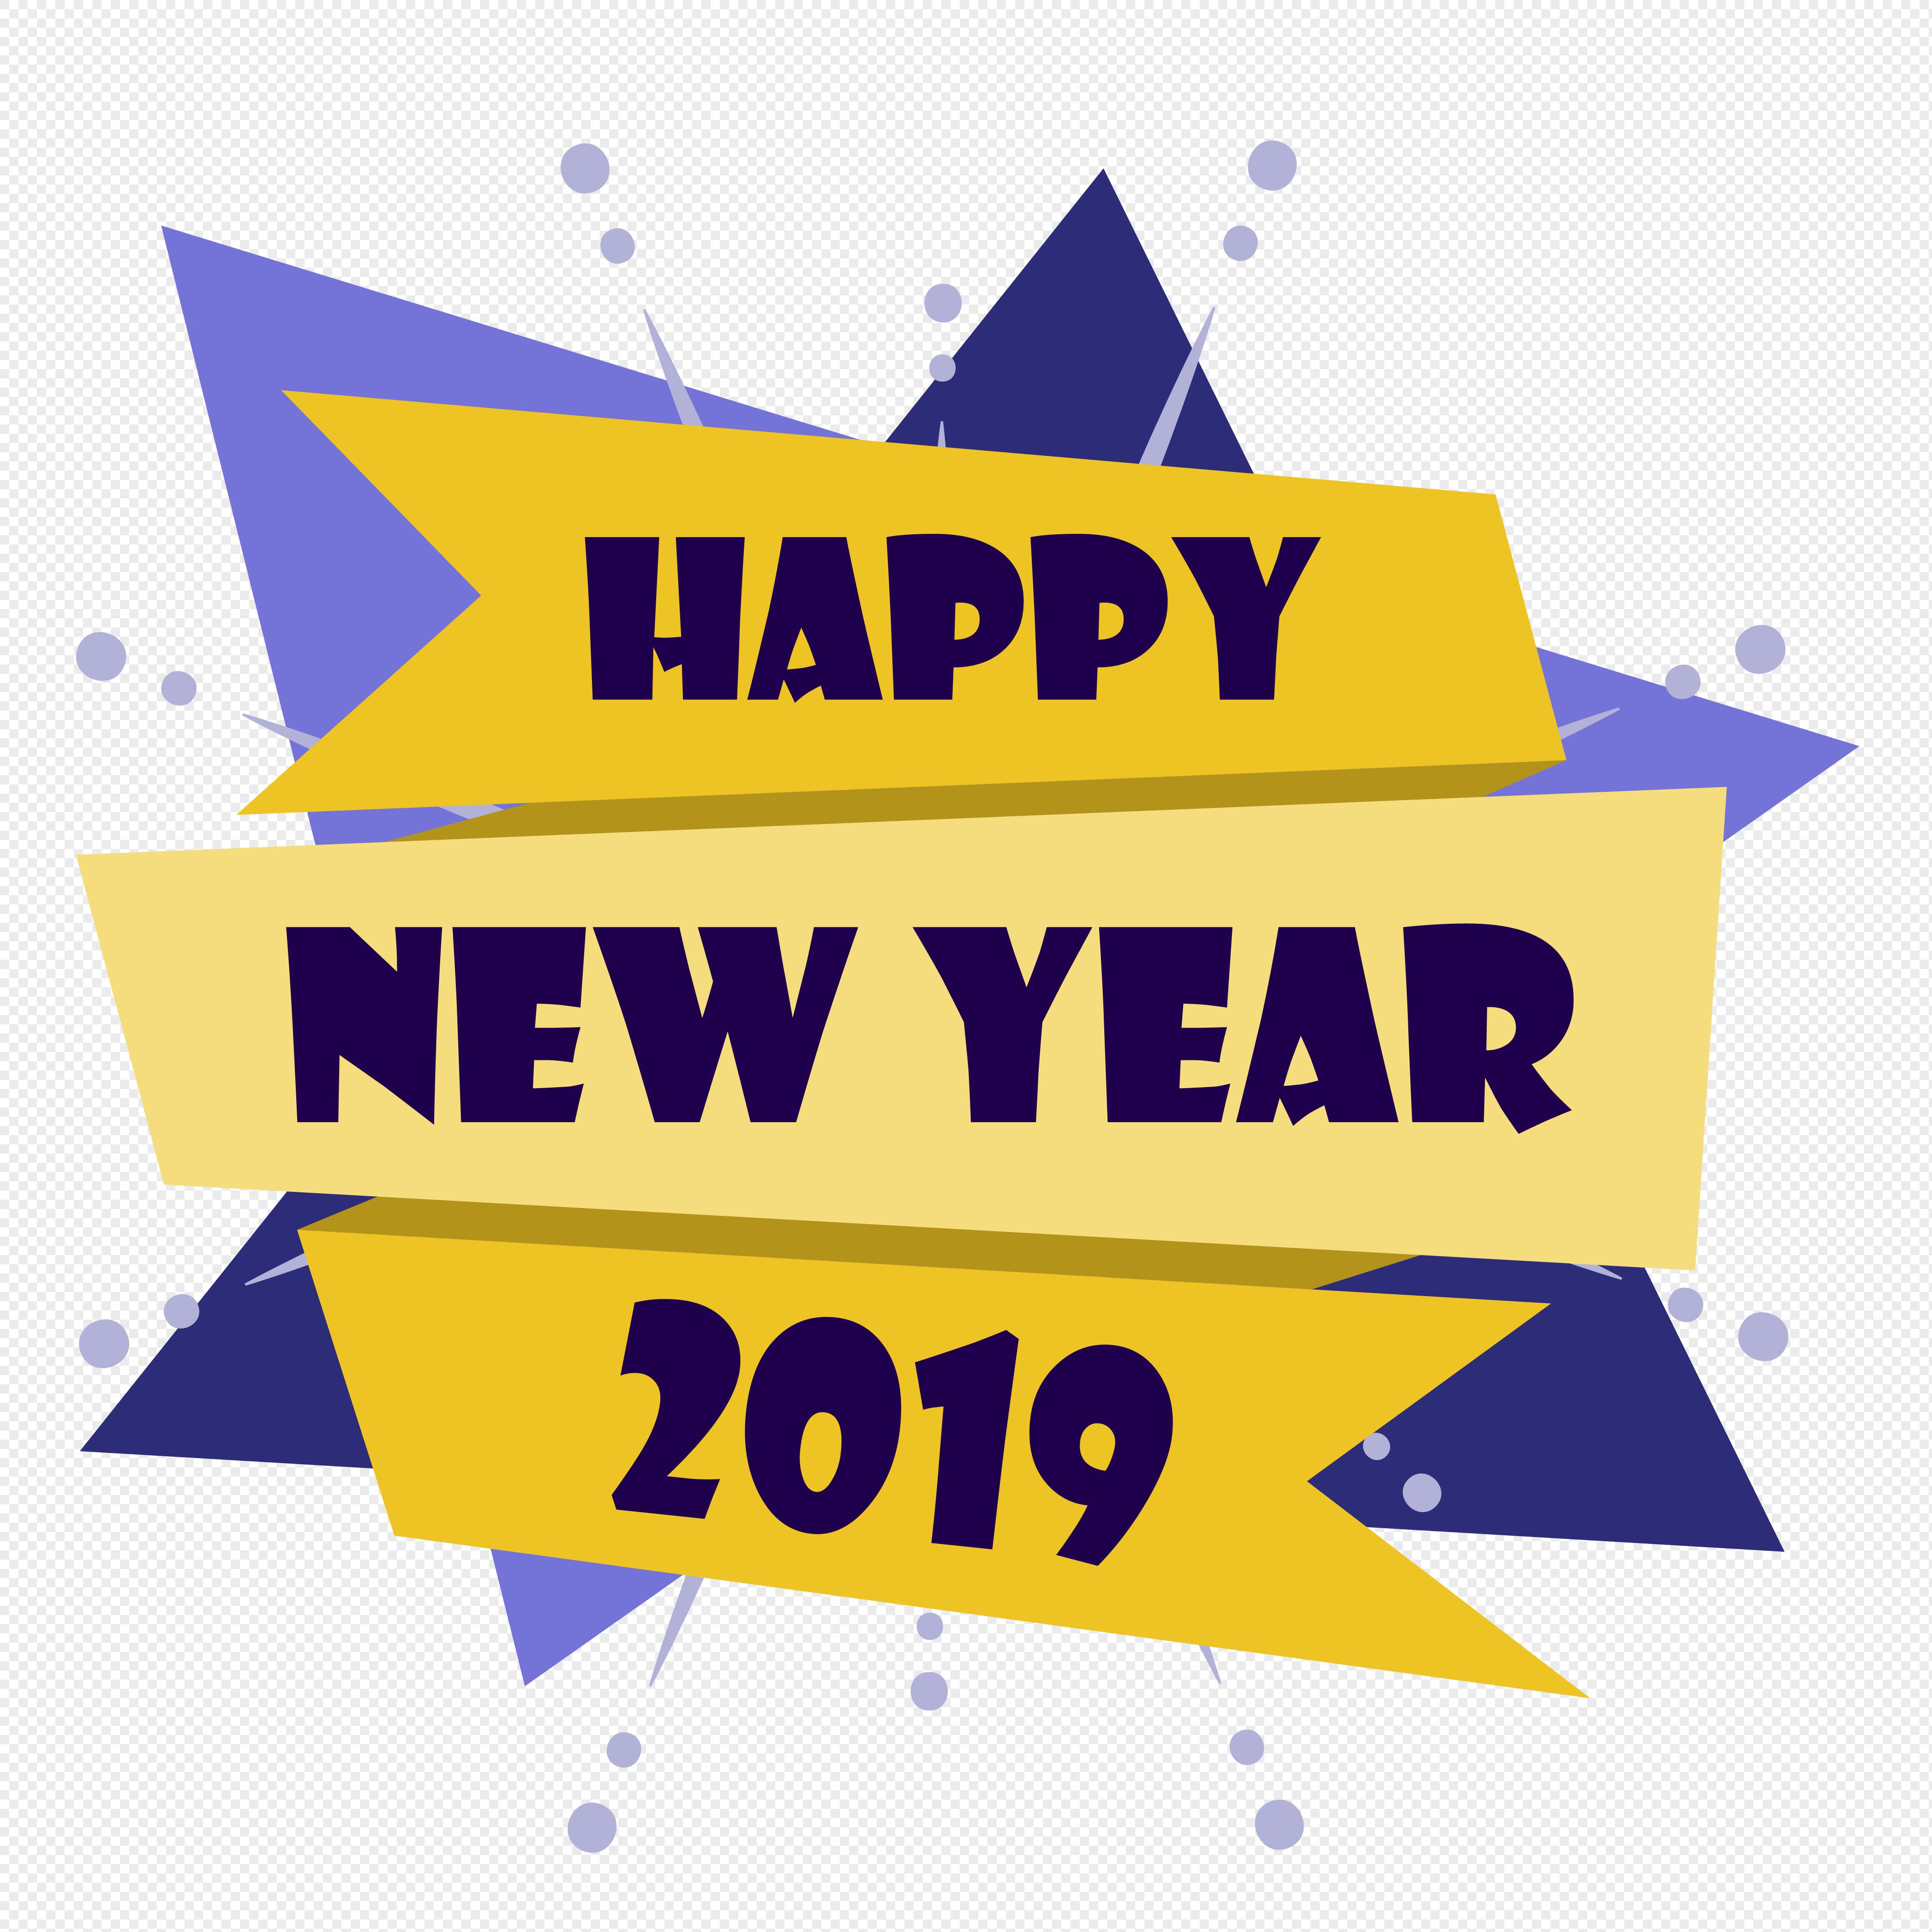 欧美涂鸦风2019新年快乐艺术字图片素材编号400858130